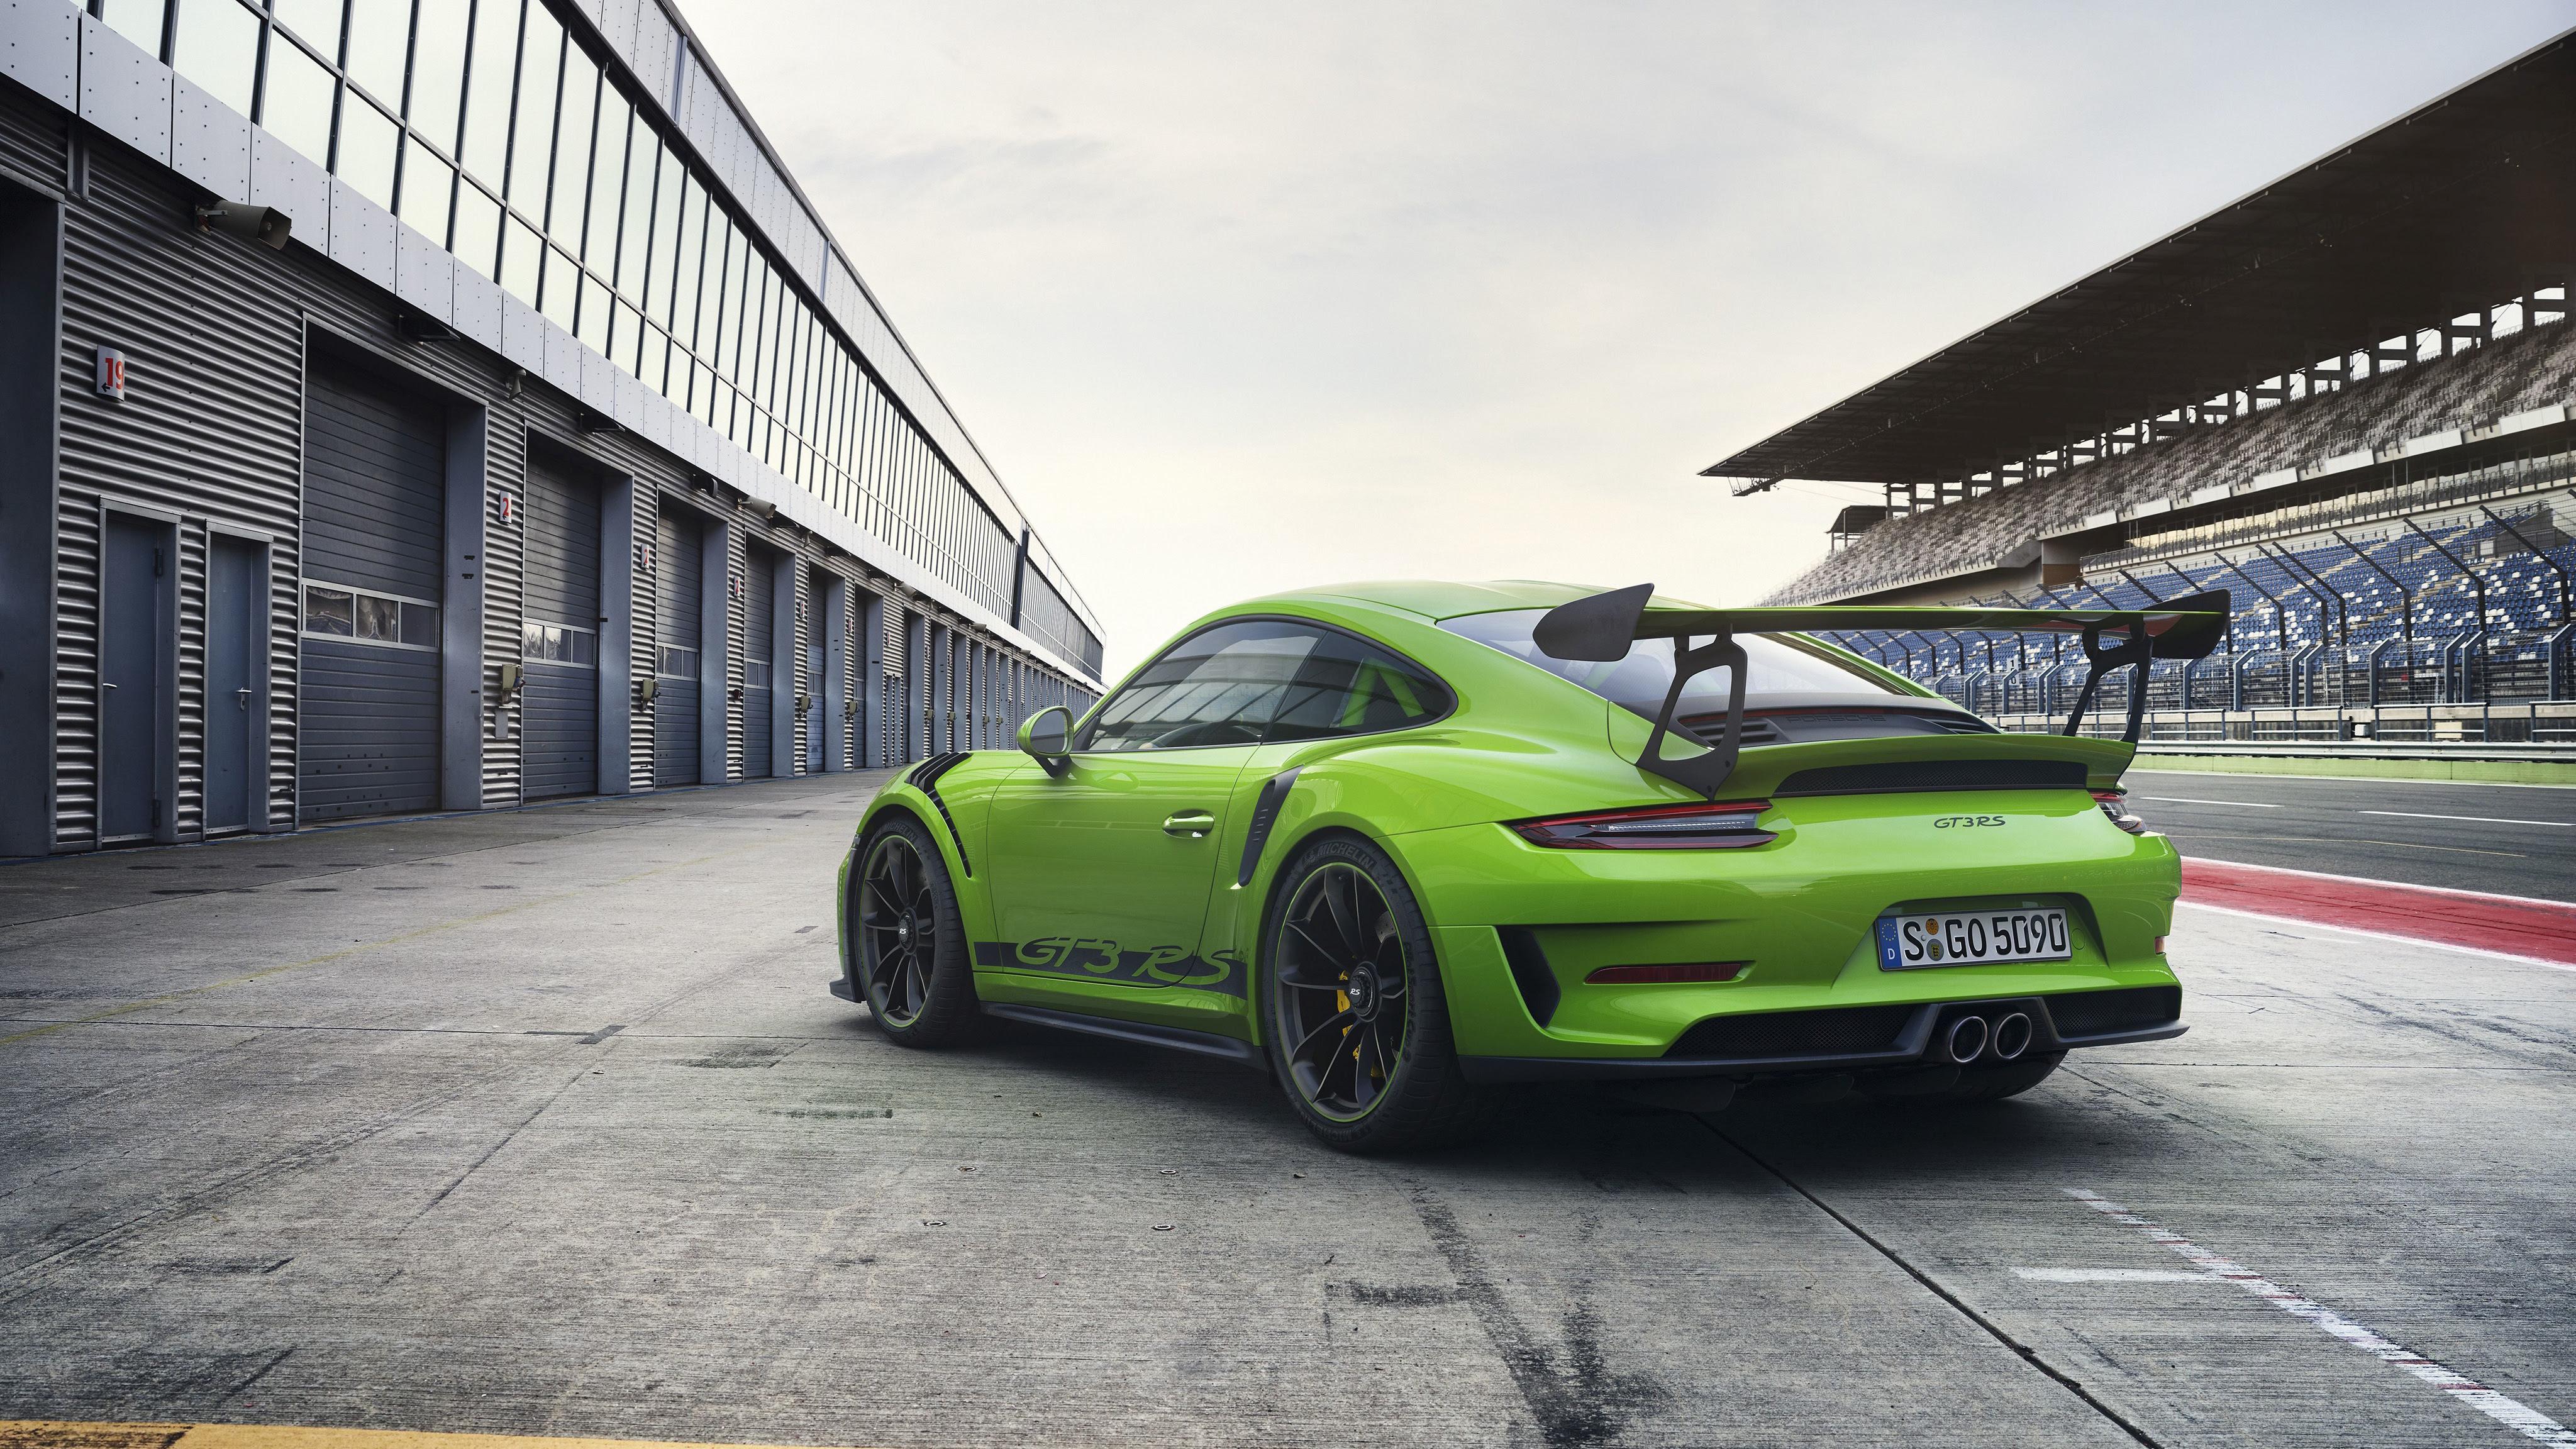 2018 Porsche 911 GT3 RS 4K 4 Wallpaper   HD Car Wallpapers ...